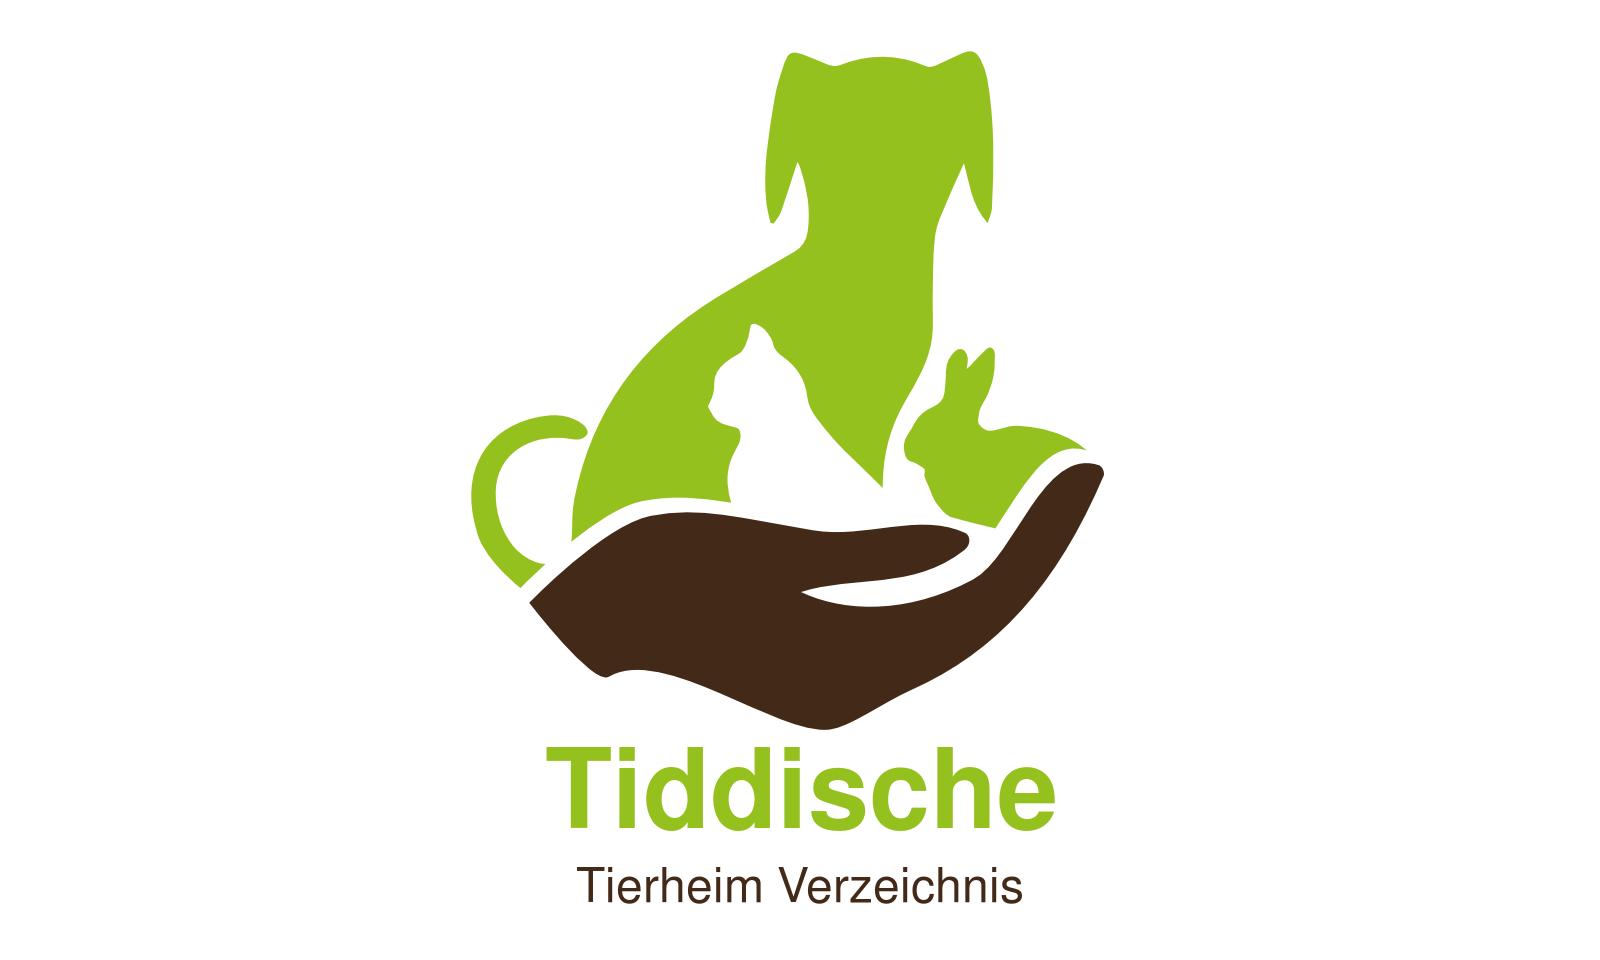 Tierheim Tiddische